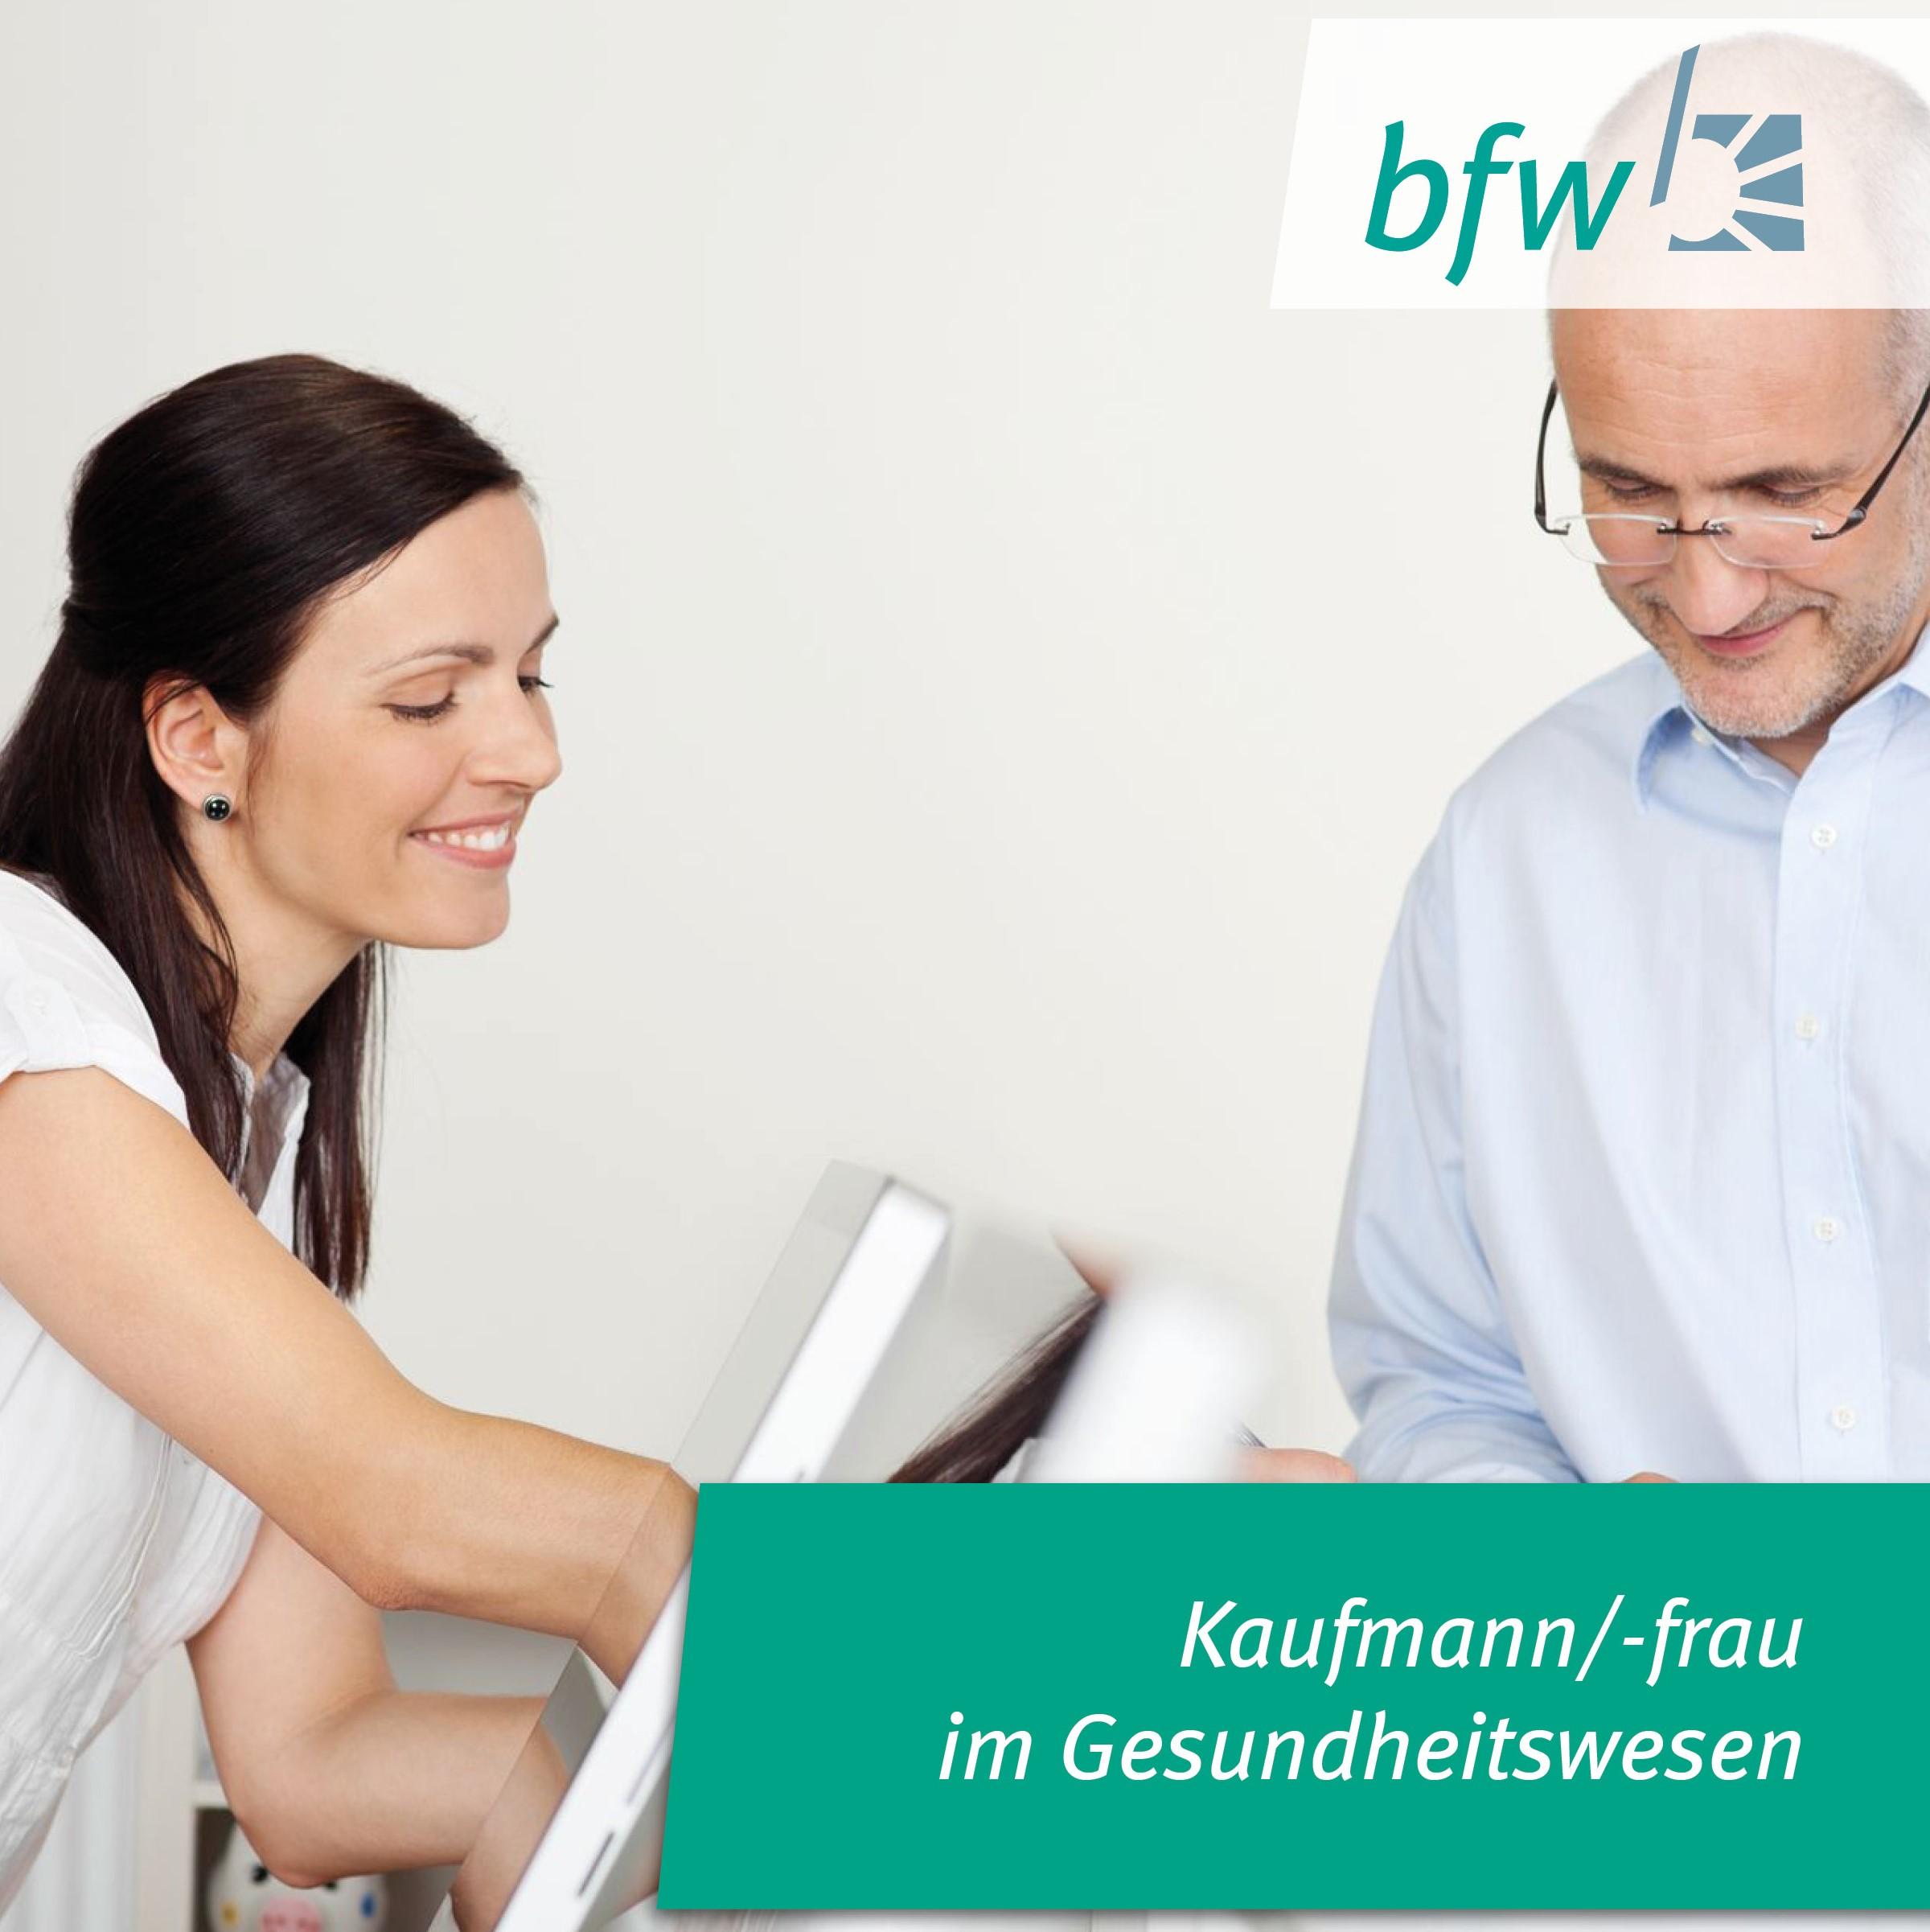 Kaufmann/-frau im Gesundheitswesen – Berufsförderungswerk